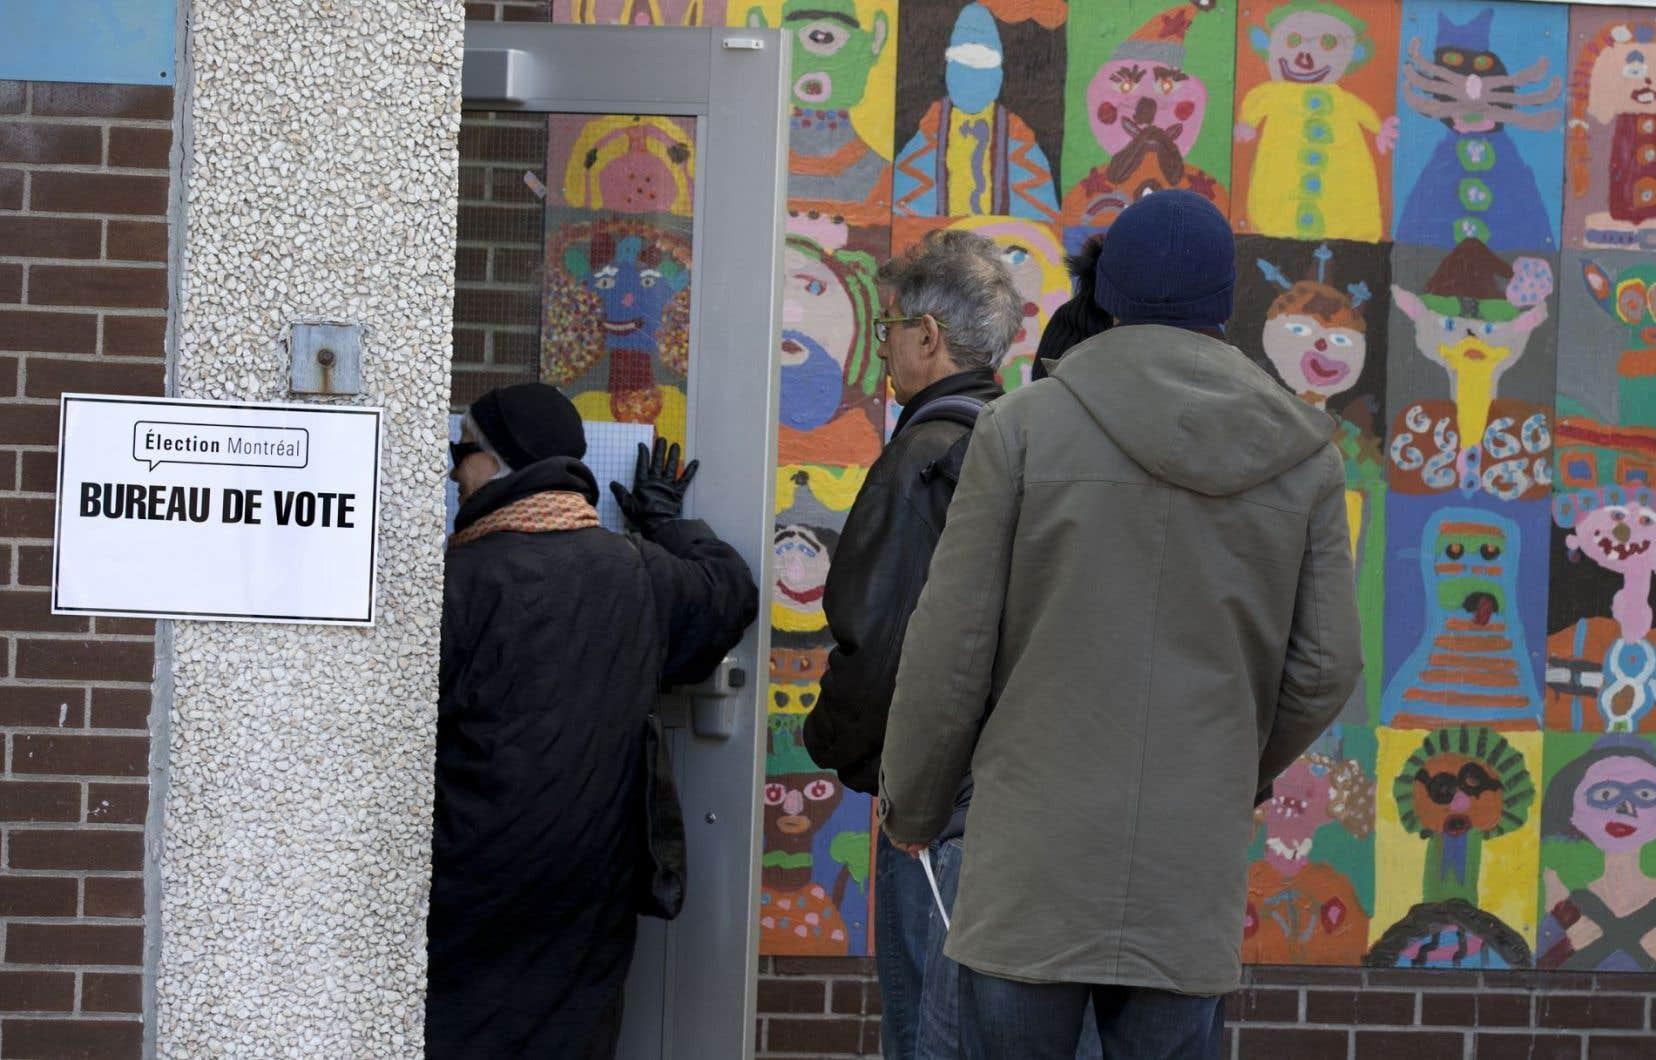 Le 5novembre prochain, plus de 8000 postes d'élu municipal devront être pourvus.